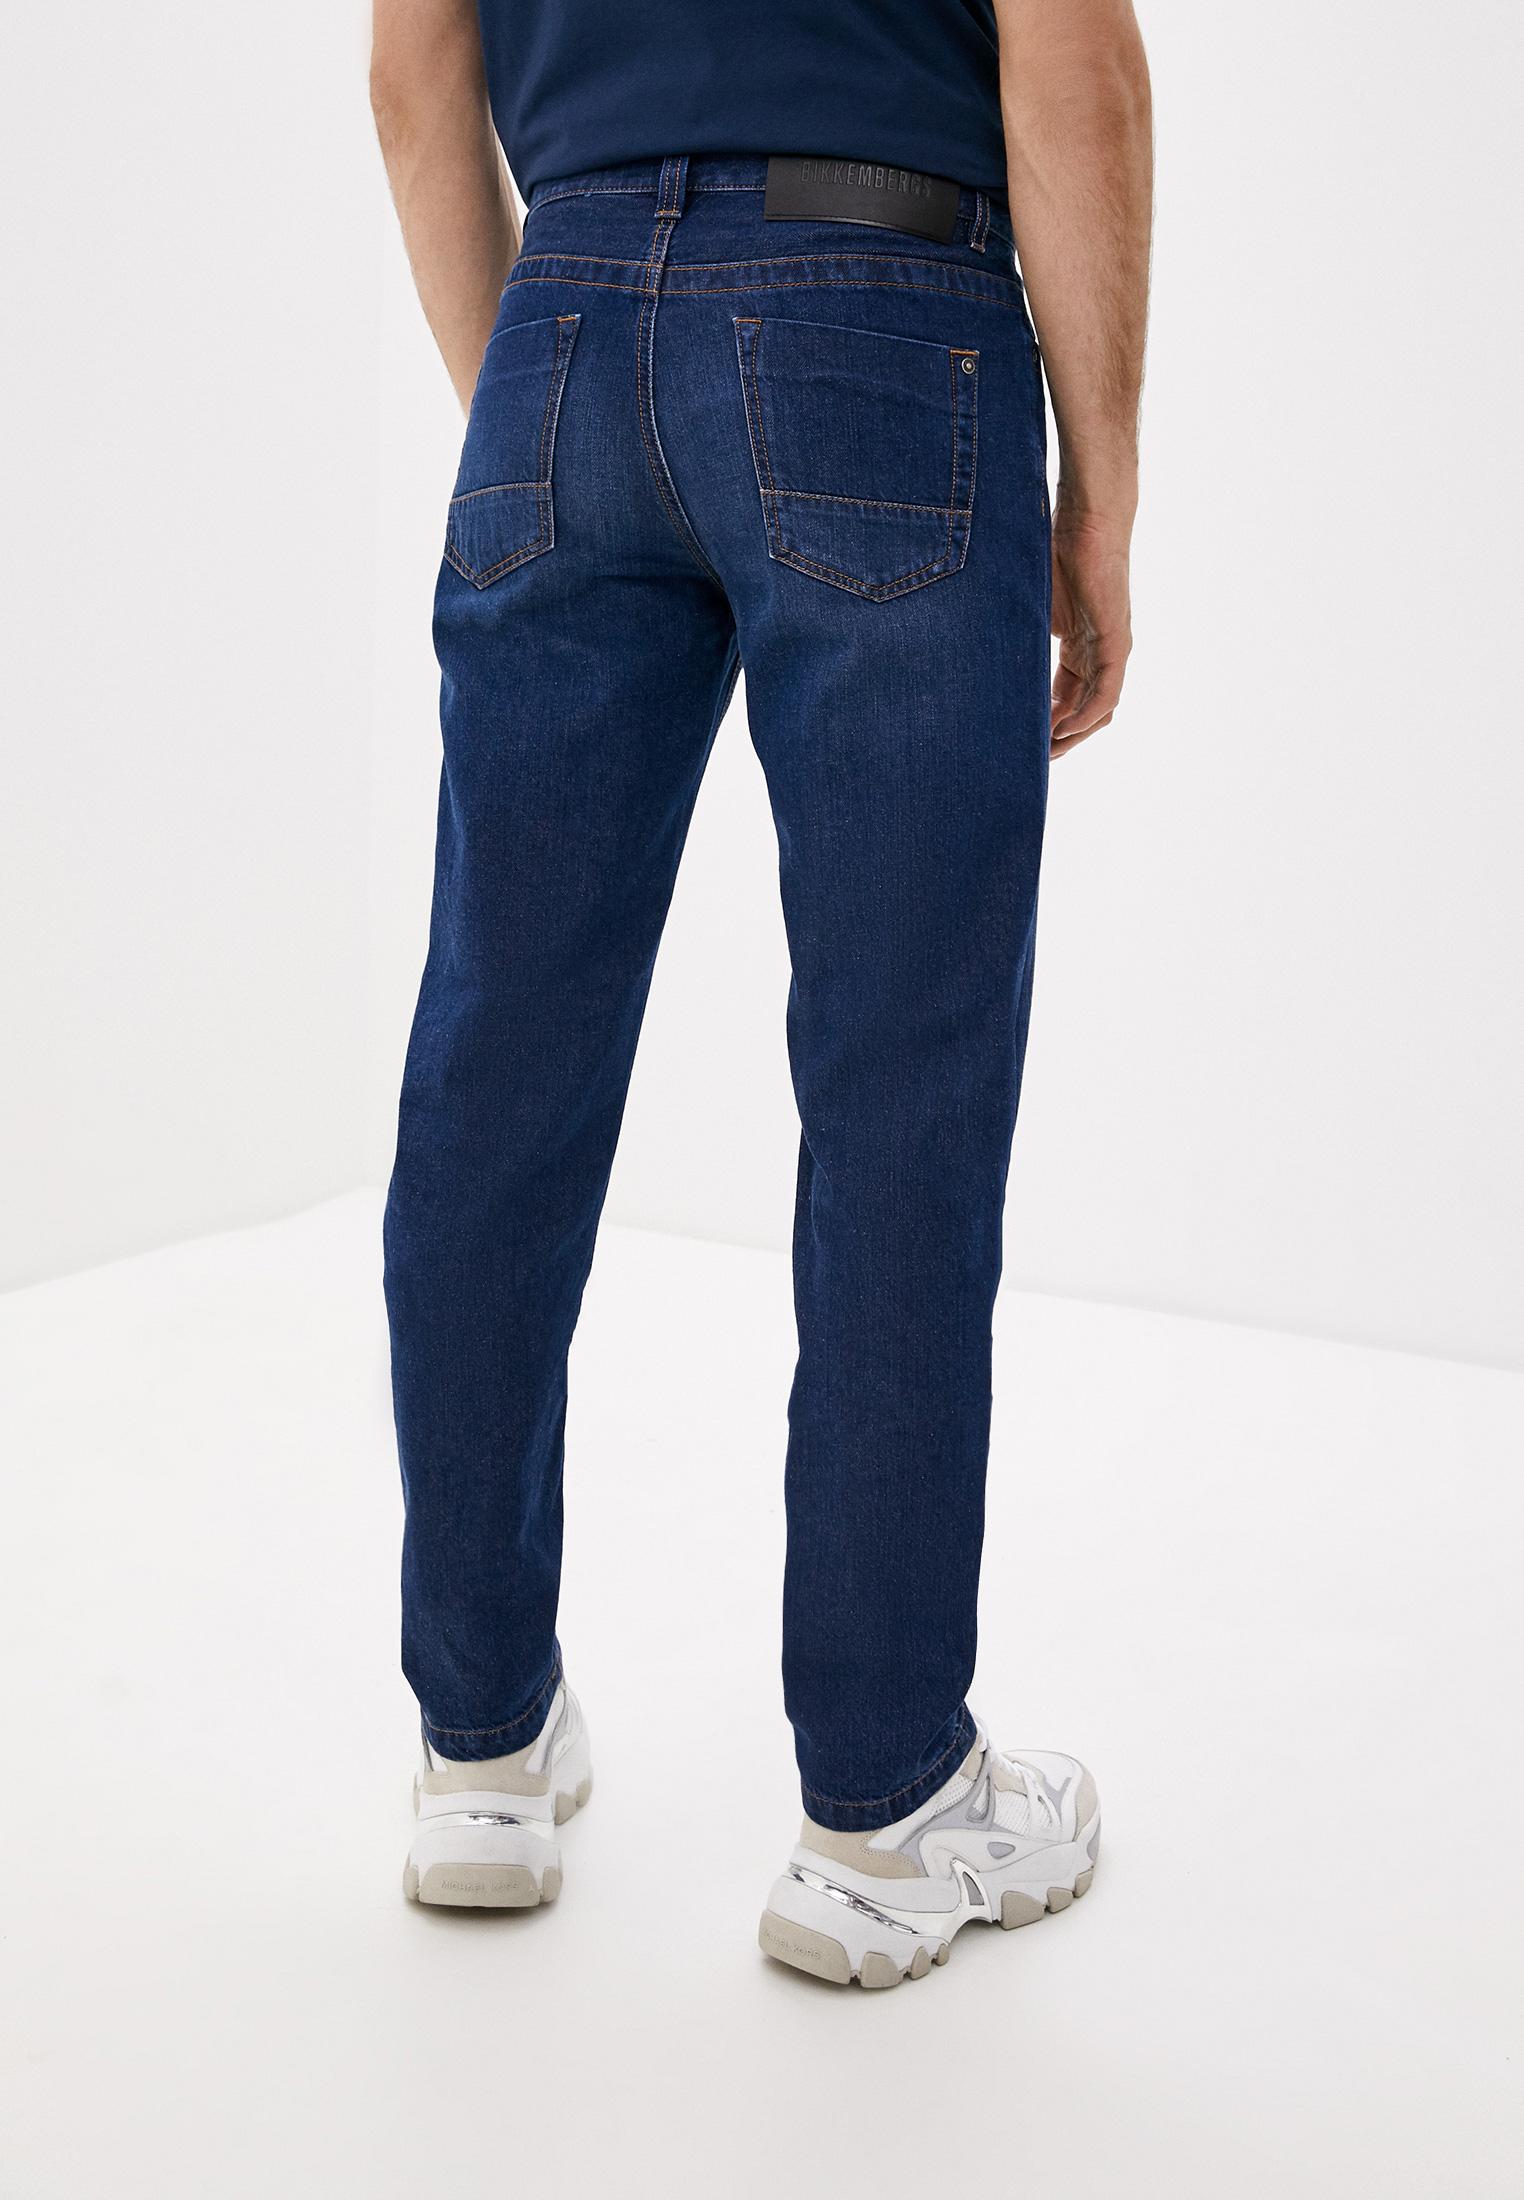 Мужские прямые джинсы Bikkembergs (Биккембергс) c q 102 03 t 9974: изображение 8